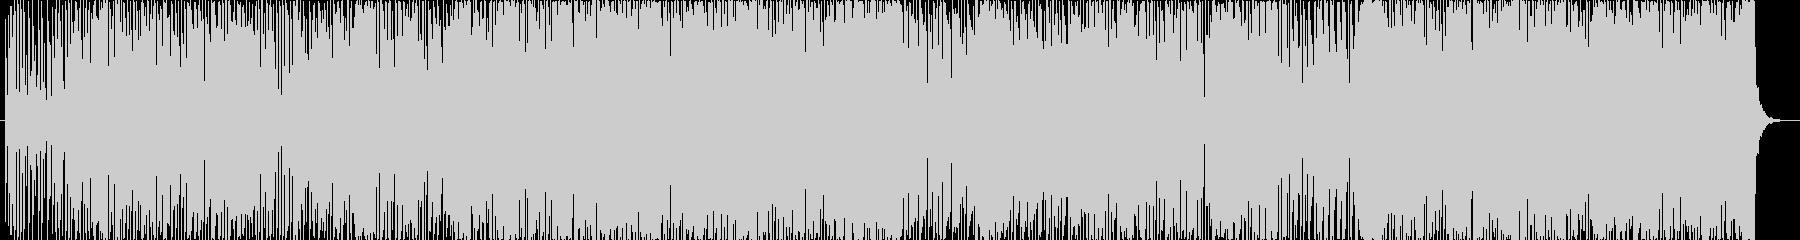 エレクトロなアシッドJazzの未再生の波形